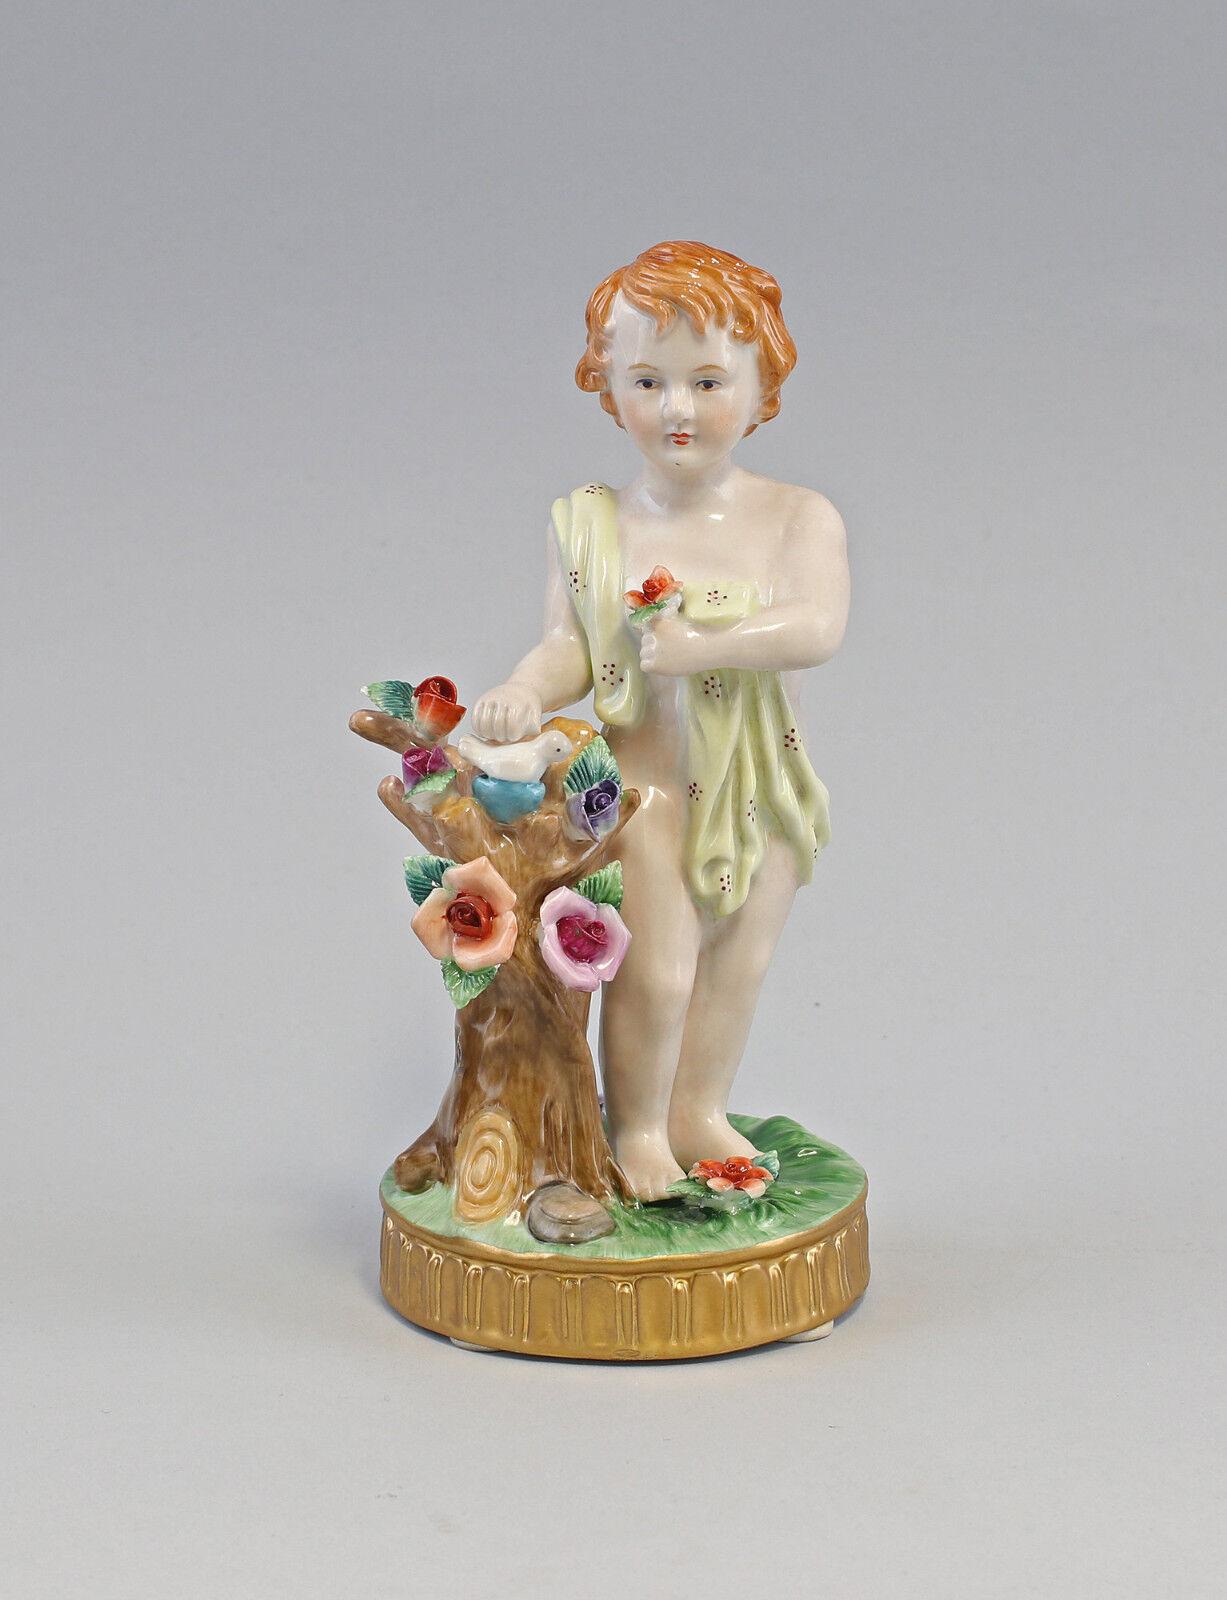 Porcelana figura Ángel putto con pájaro en el nido esplendido historicismo nuevo 9987235